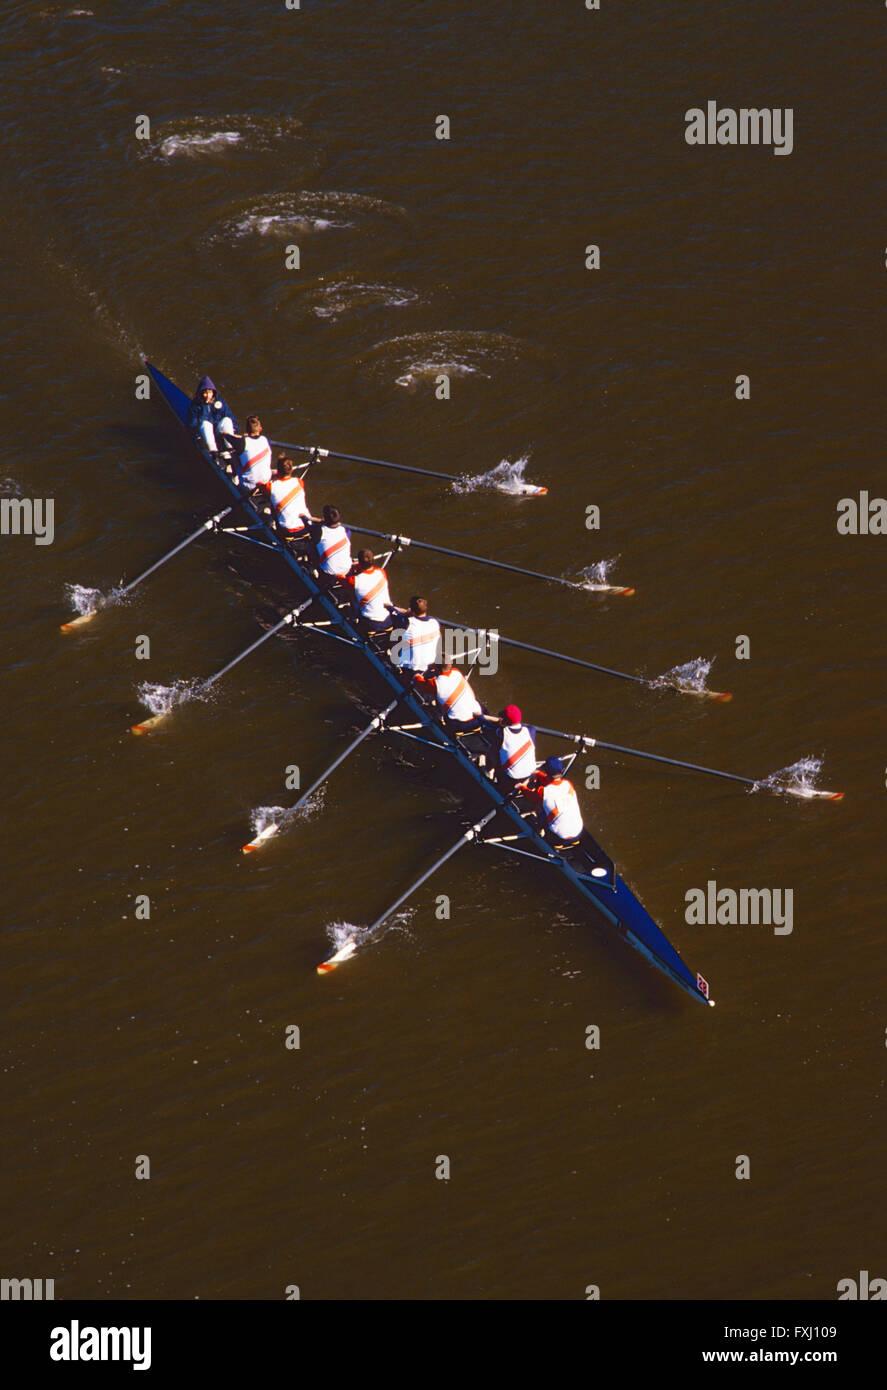 Scullers remare nella testa della regata Schuylkill; Fiume Schuykill; Philadelphia, Pennsylvania, STATI UNITI D'AMERICA Foto Stock